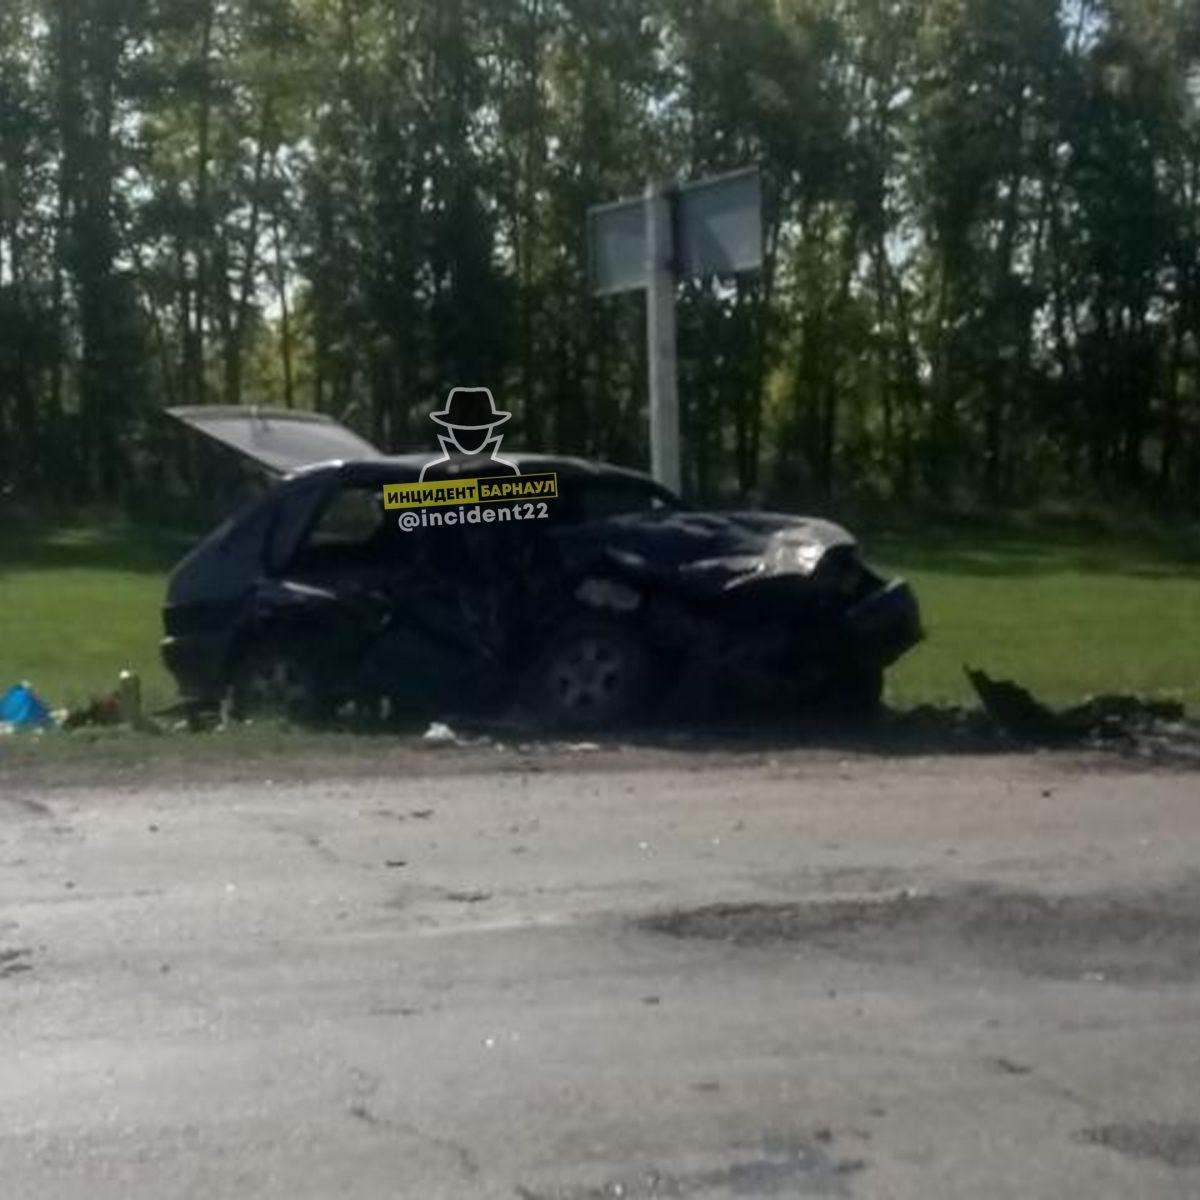 В Мамонтовском районе пьяный водитель ВАЗа устроил смертельное в попытке сбежать полицейских